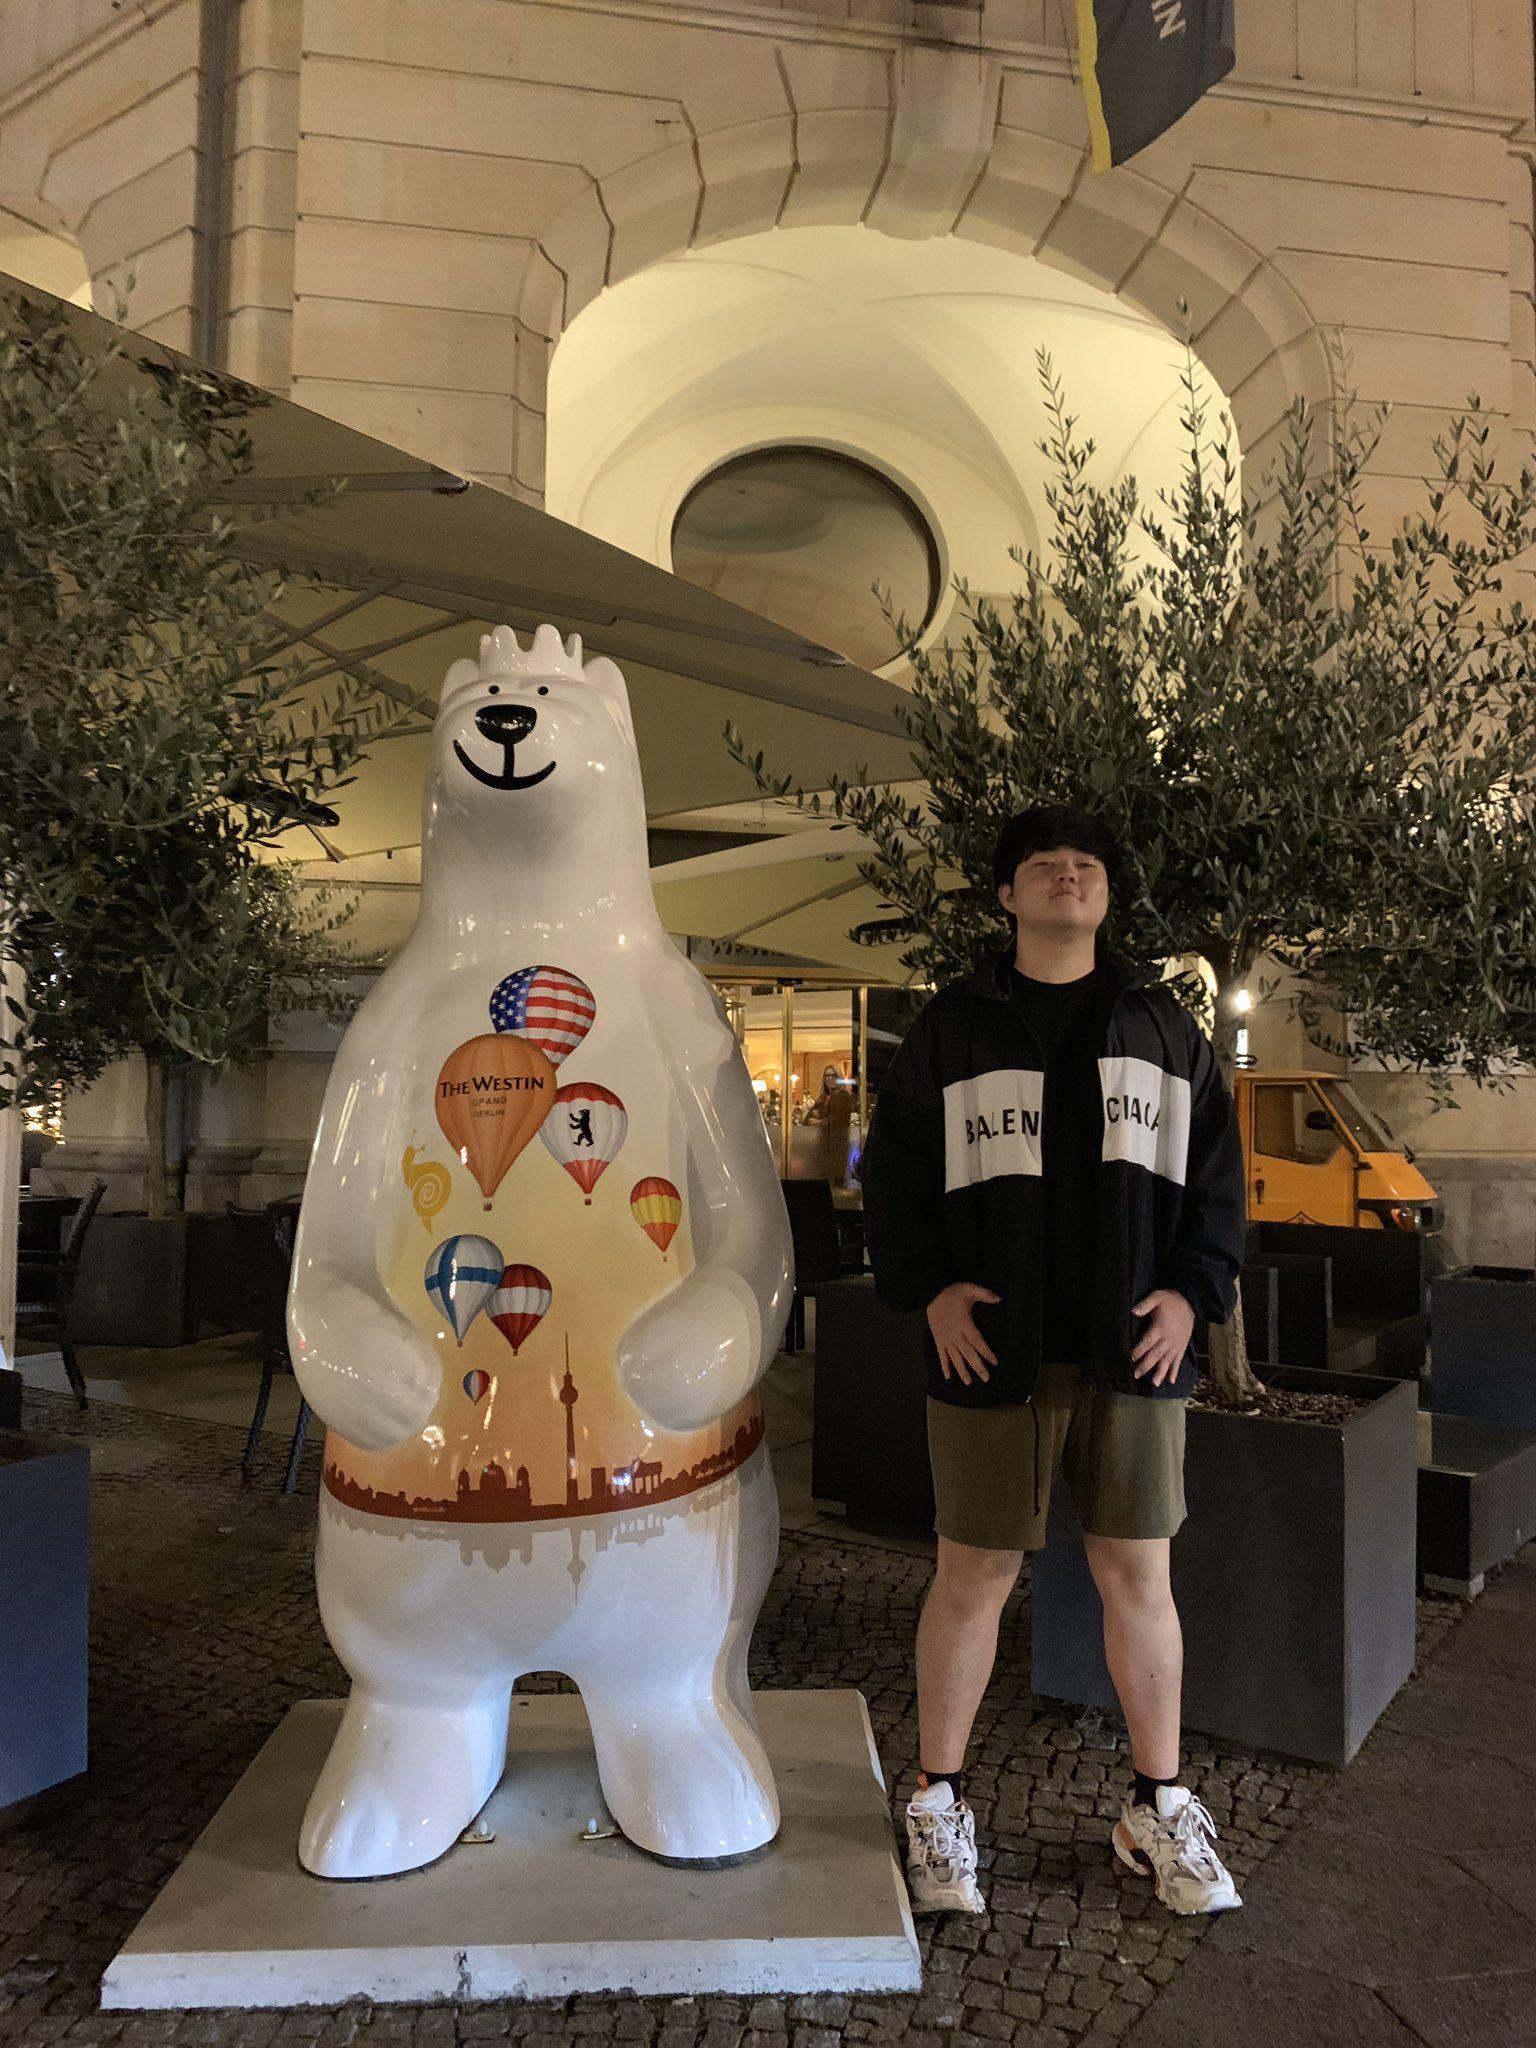 Huni更推扮大熊:这个表情不要太好笑